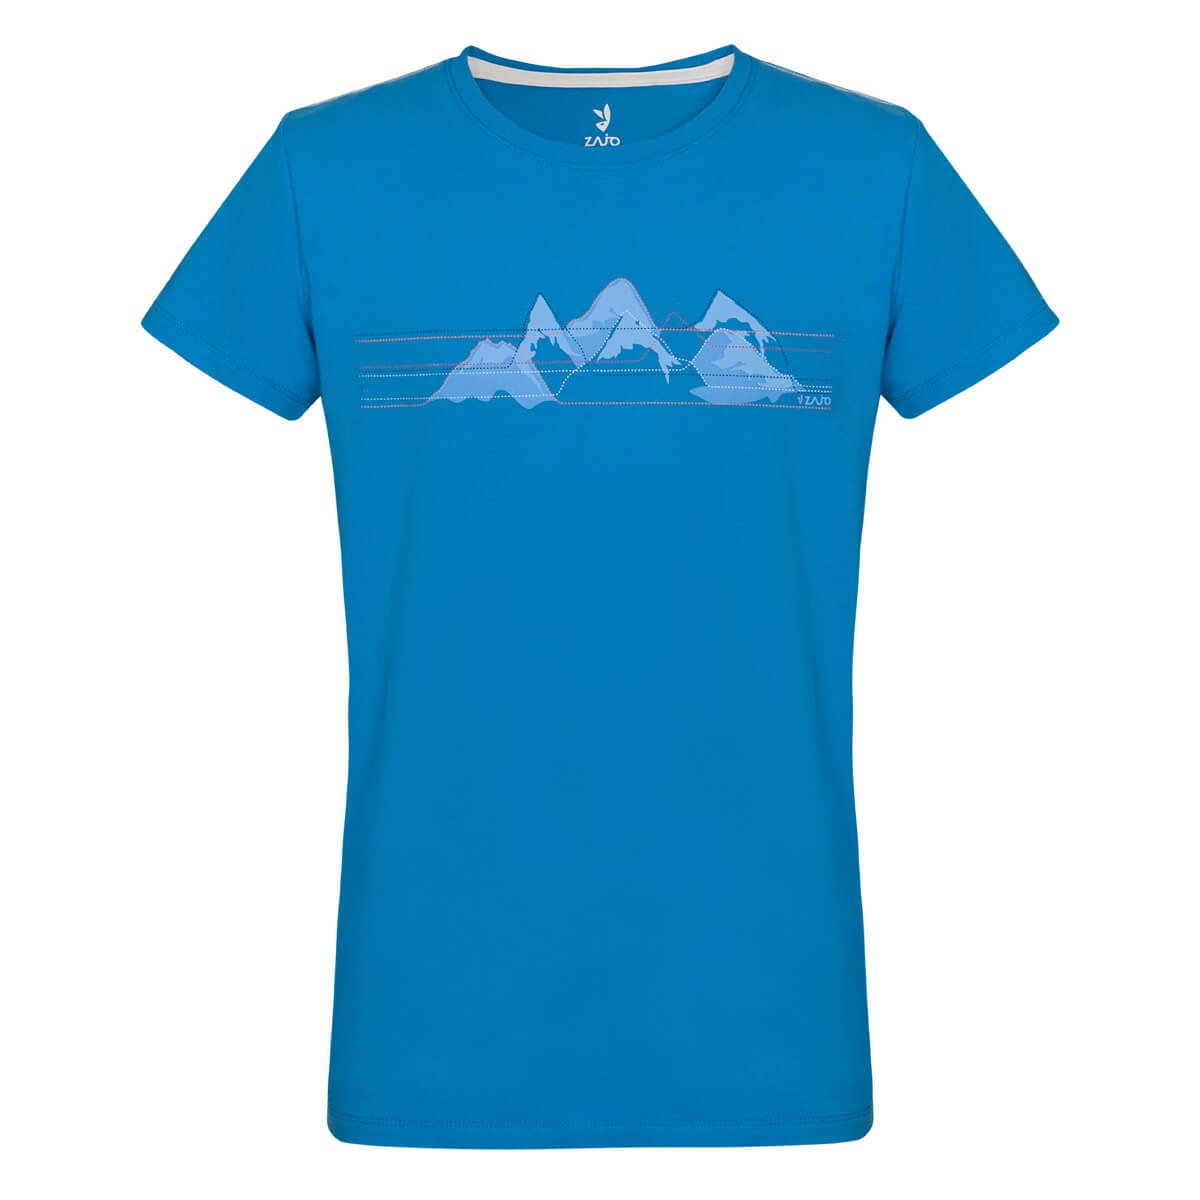 Detské tričko  Zajo Bormio Kids T-shirt SS Ibiza Blue Mountains - veľkosť 86 - 92